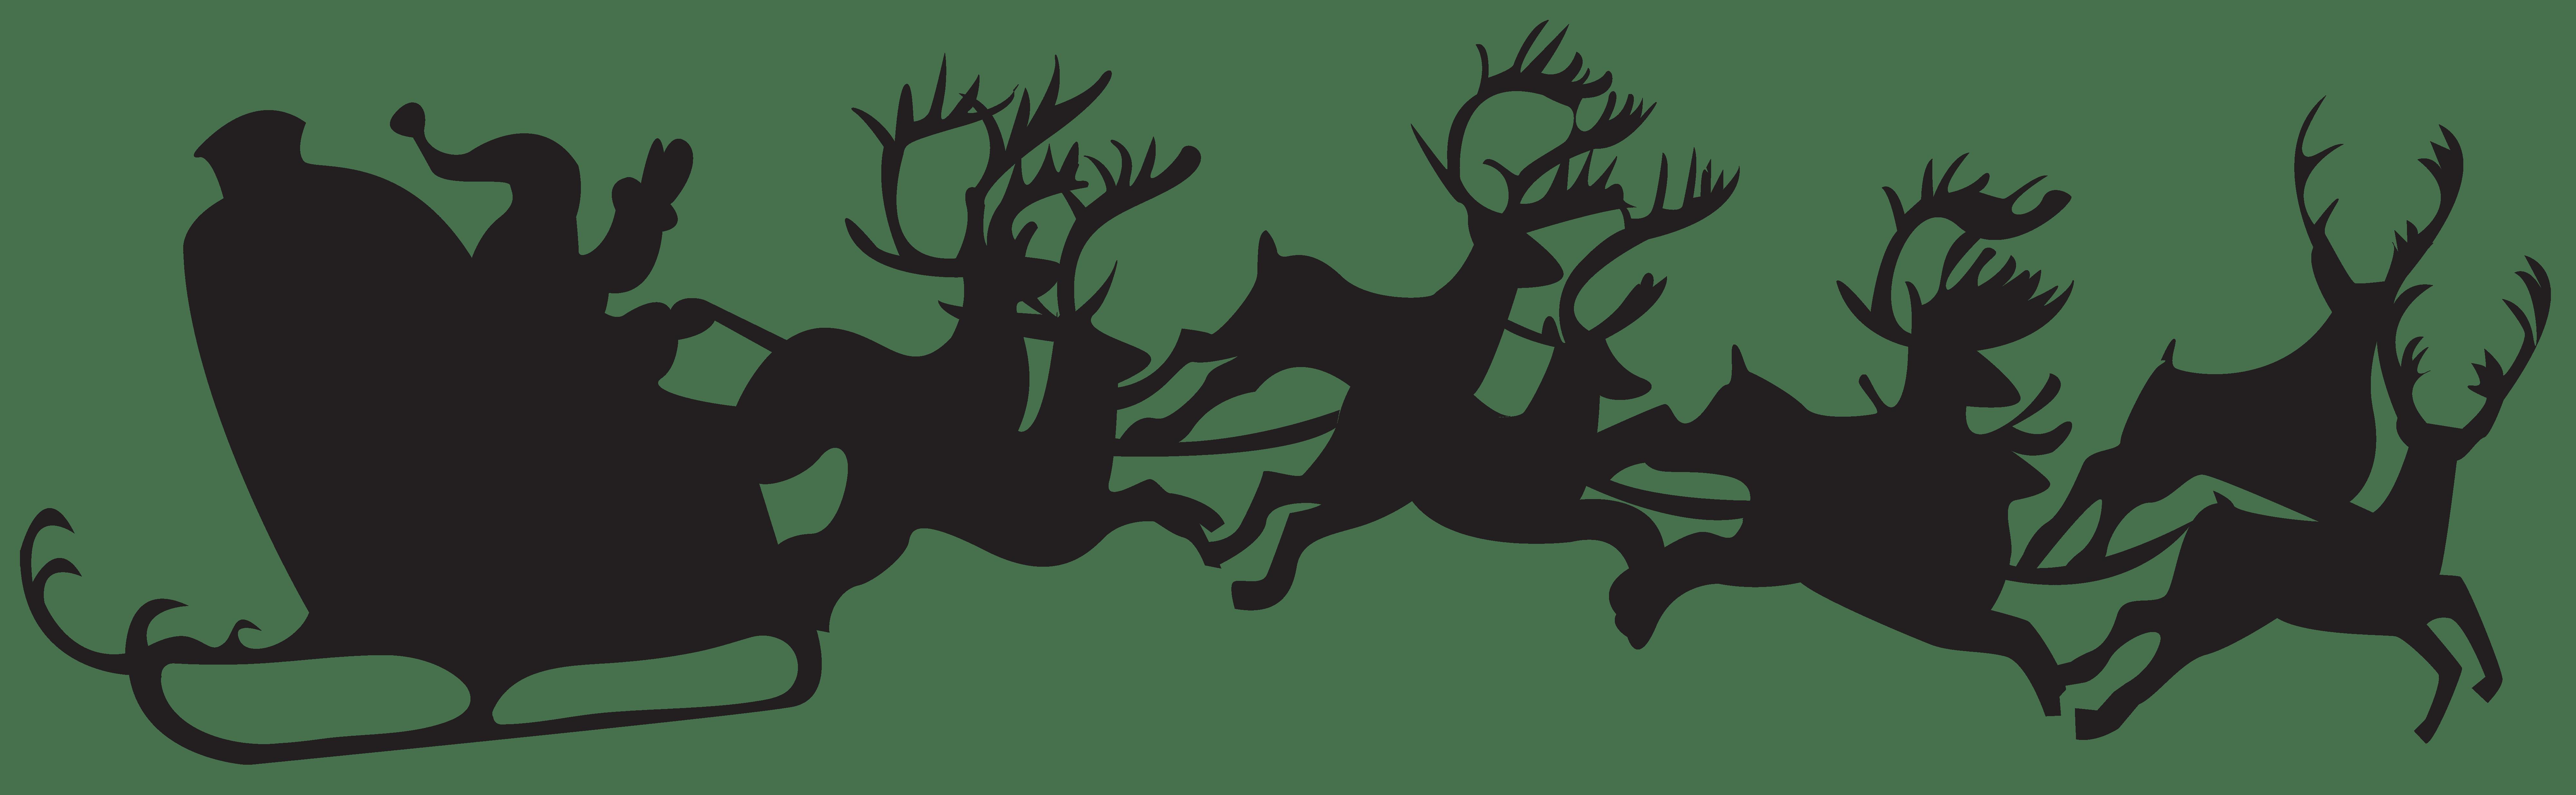 Sleigh clipart grinch. Christmas silhouette clip art